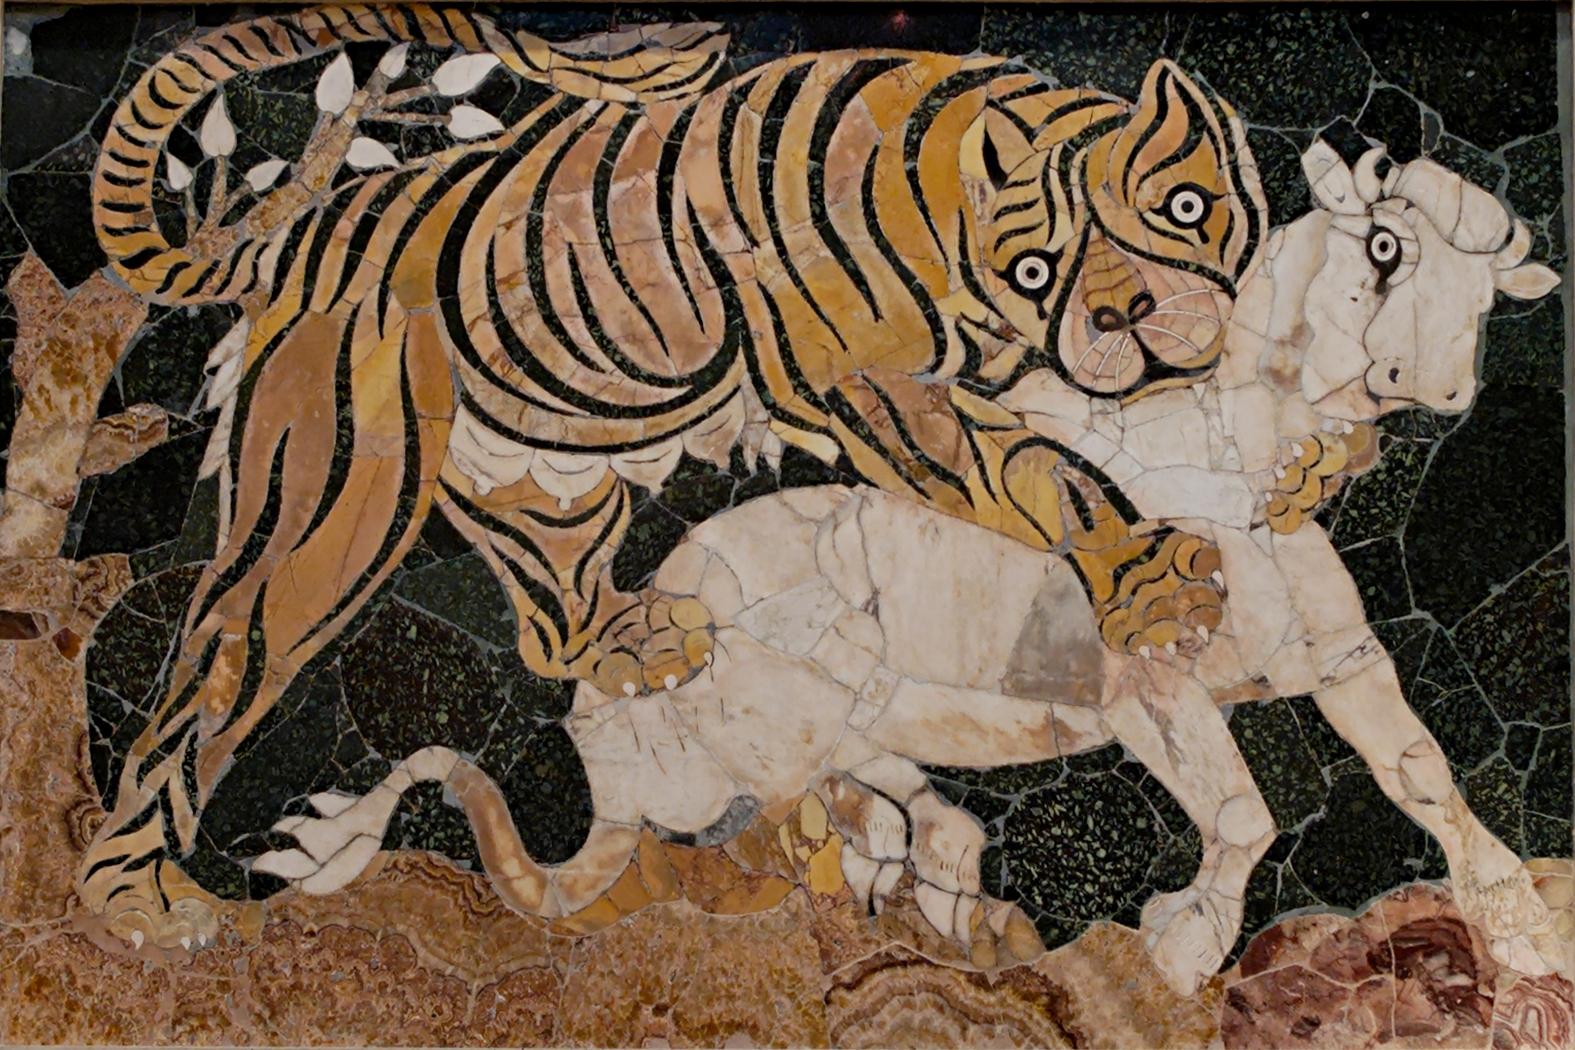 Tiger_calf_Musei_Capitolini_MC1222.jpg